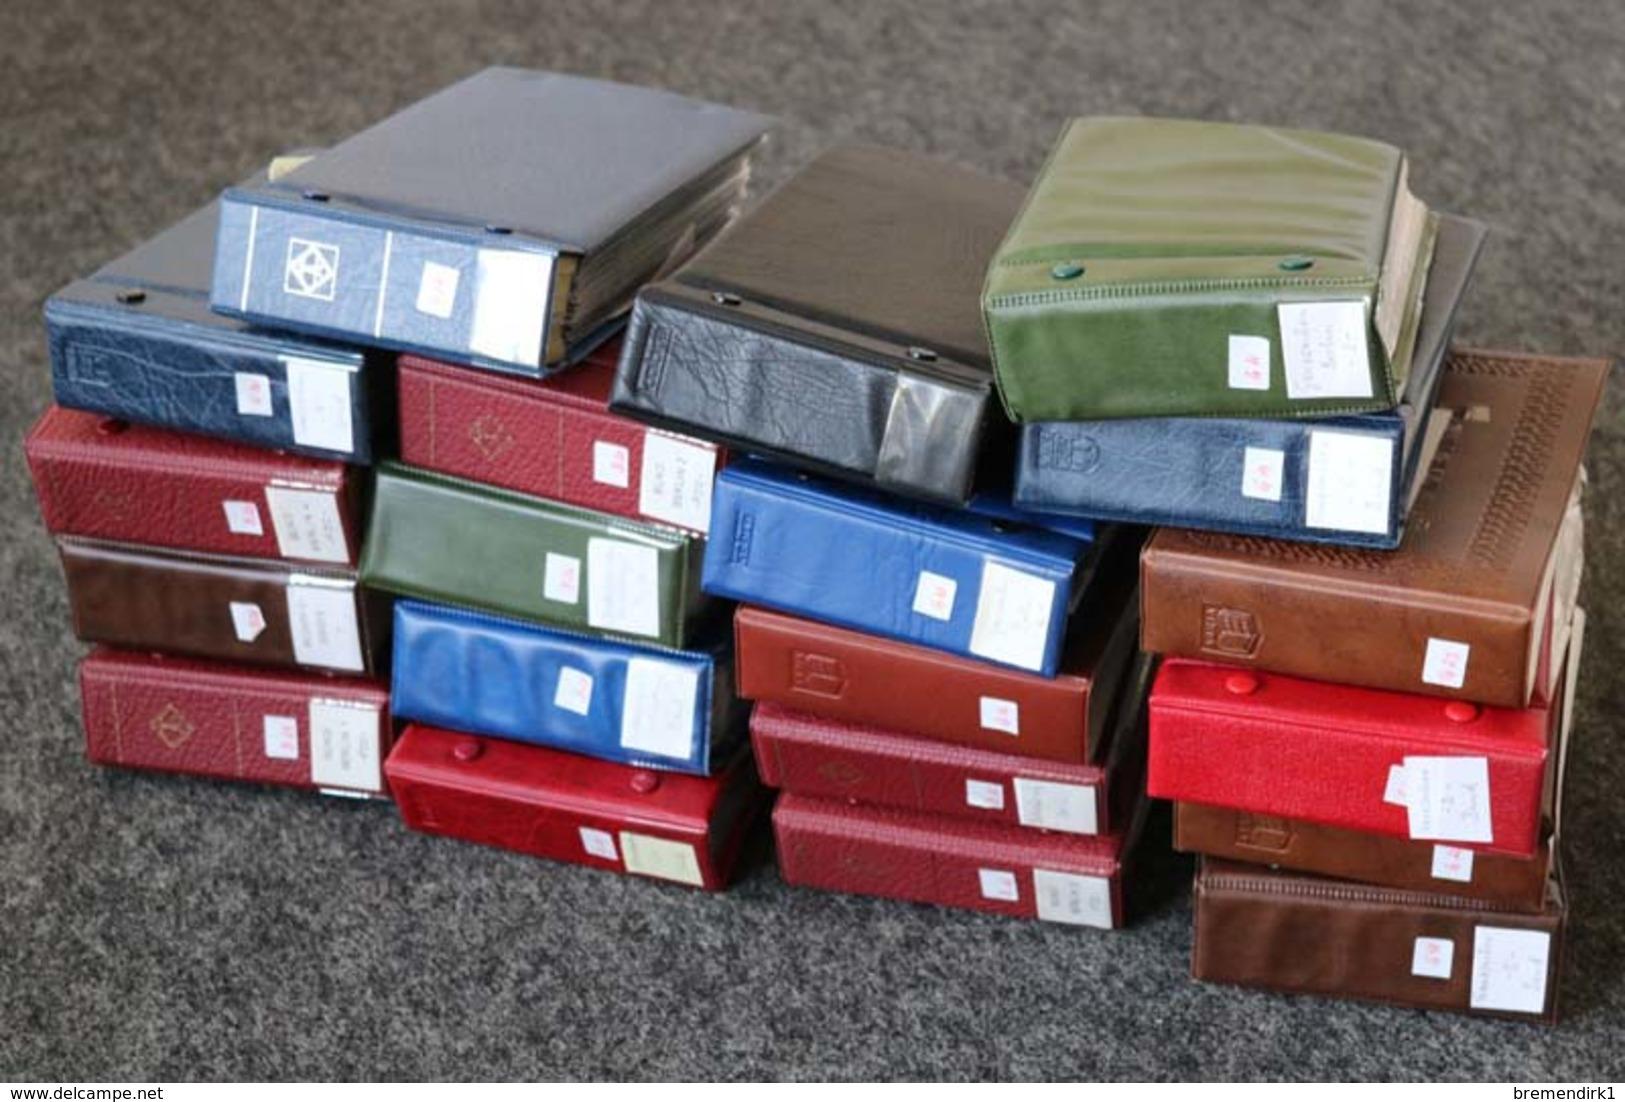 BUND/BERLIN Briefe Posten  FDC, Karten, GA`s In 20 Briefe-Alben, DIE HÄLFTE DARGESTELLT !!! Ca. 1700 Stück ....186 (F) - Briefmarken